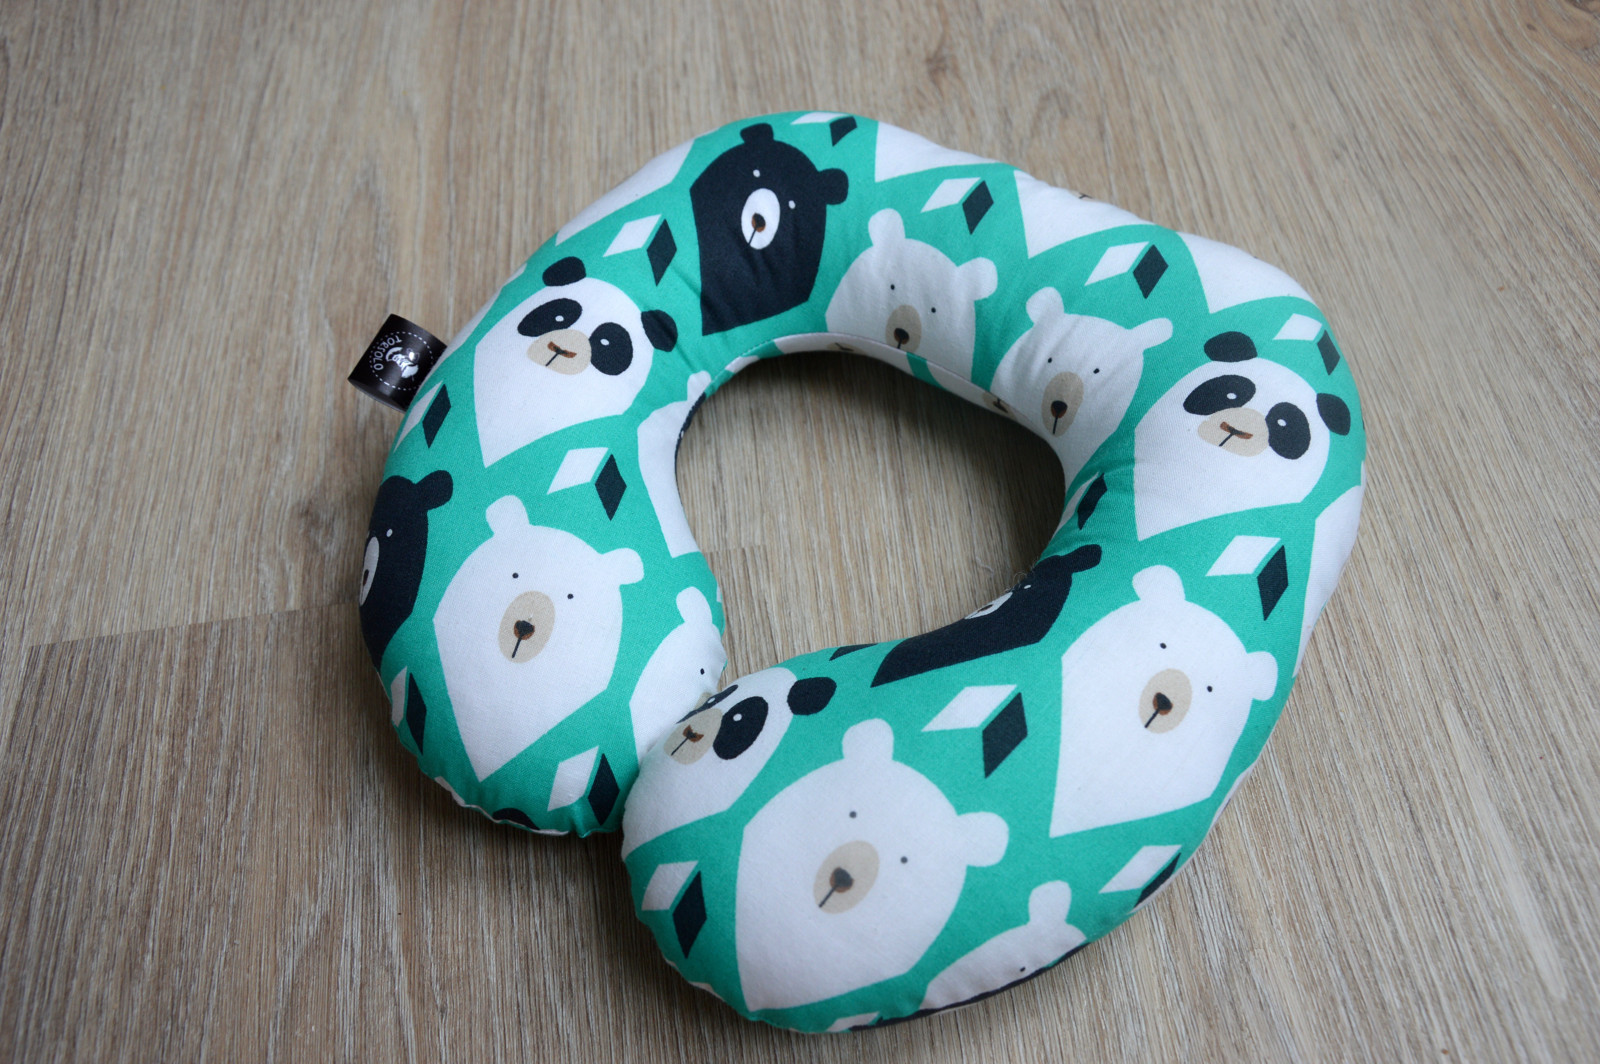 5e987c7036c Cestovní polštářek medvědí hlavy   Zboží prodejce Torsolo